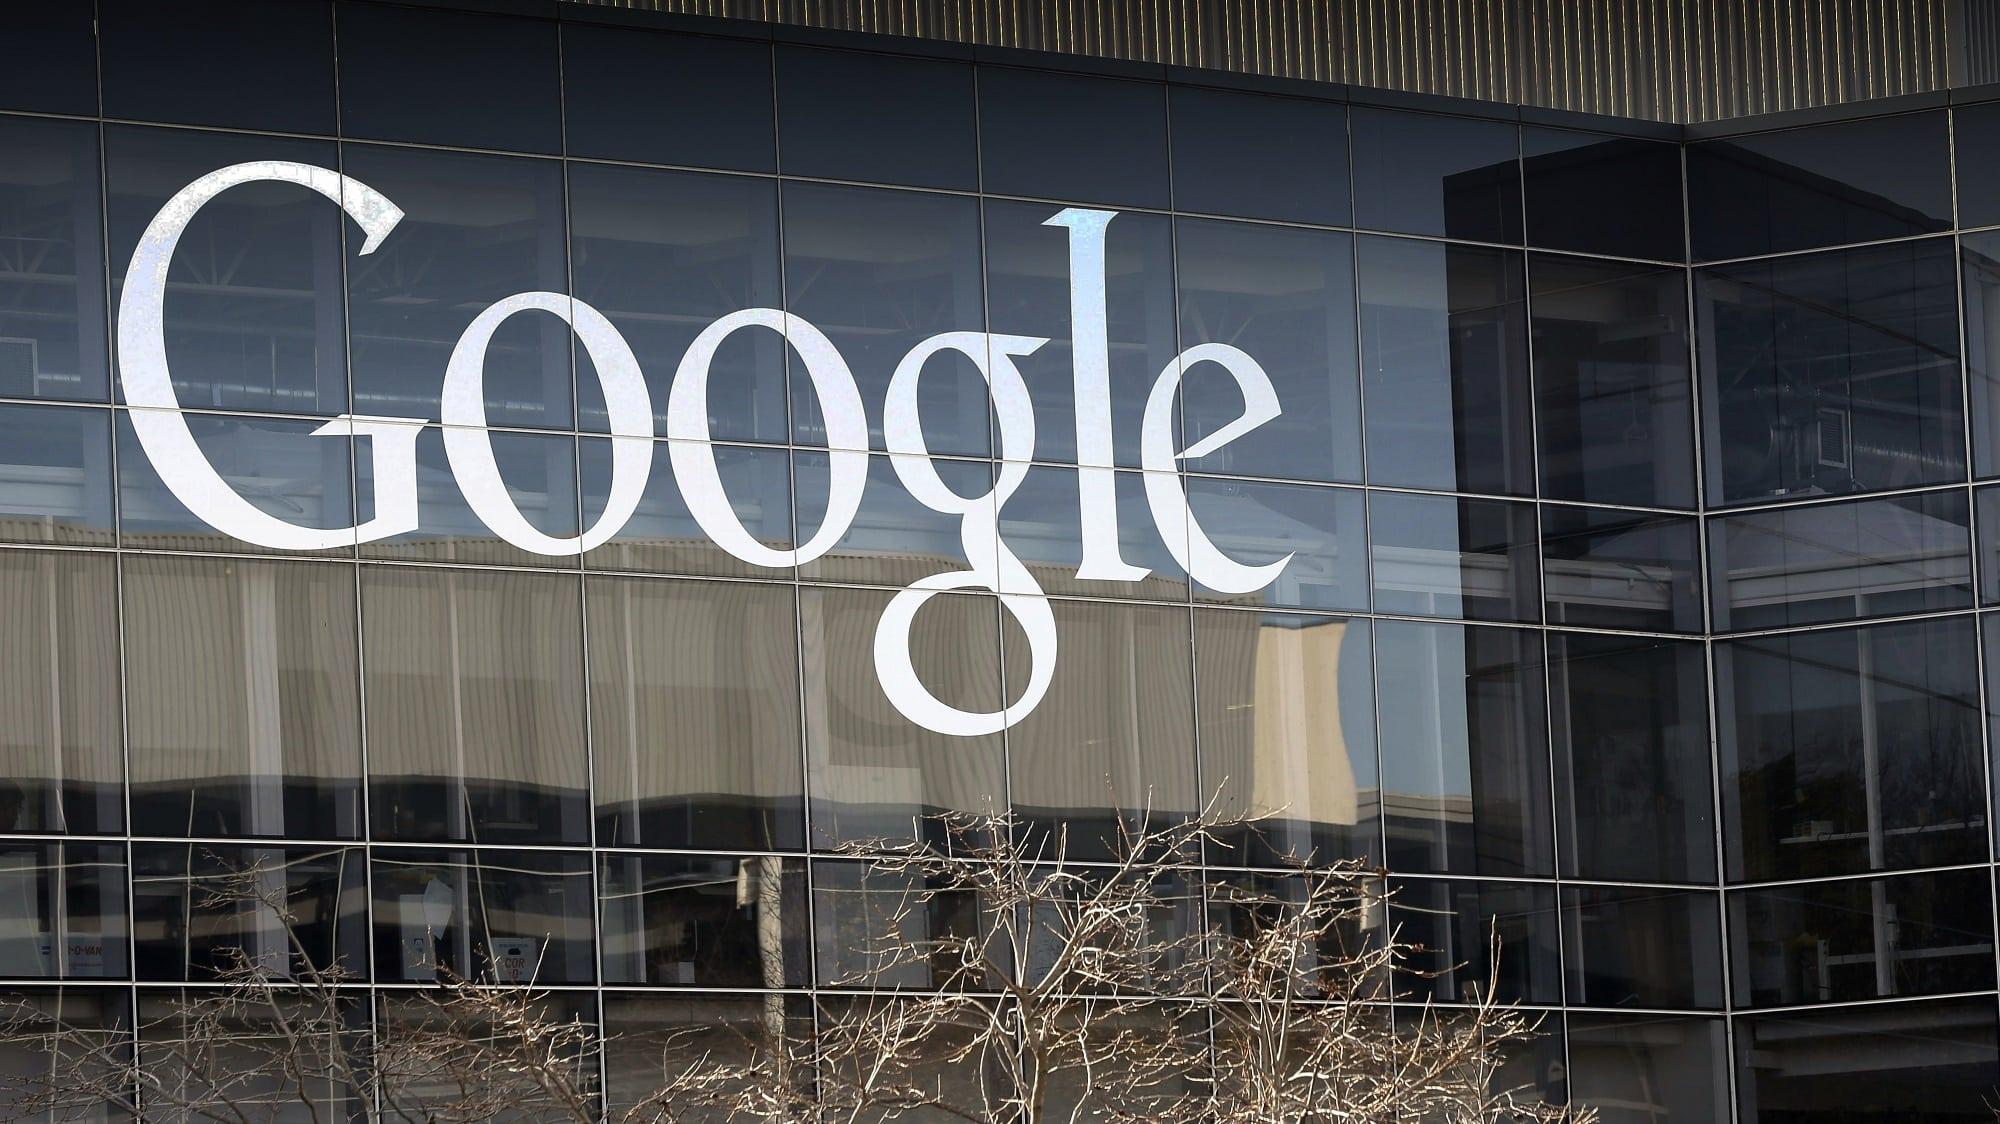 Google tuve un buen primer trimestre obteniendo beneficios por sobre los 3 mil millones de dólares.